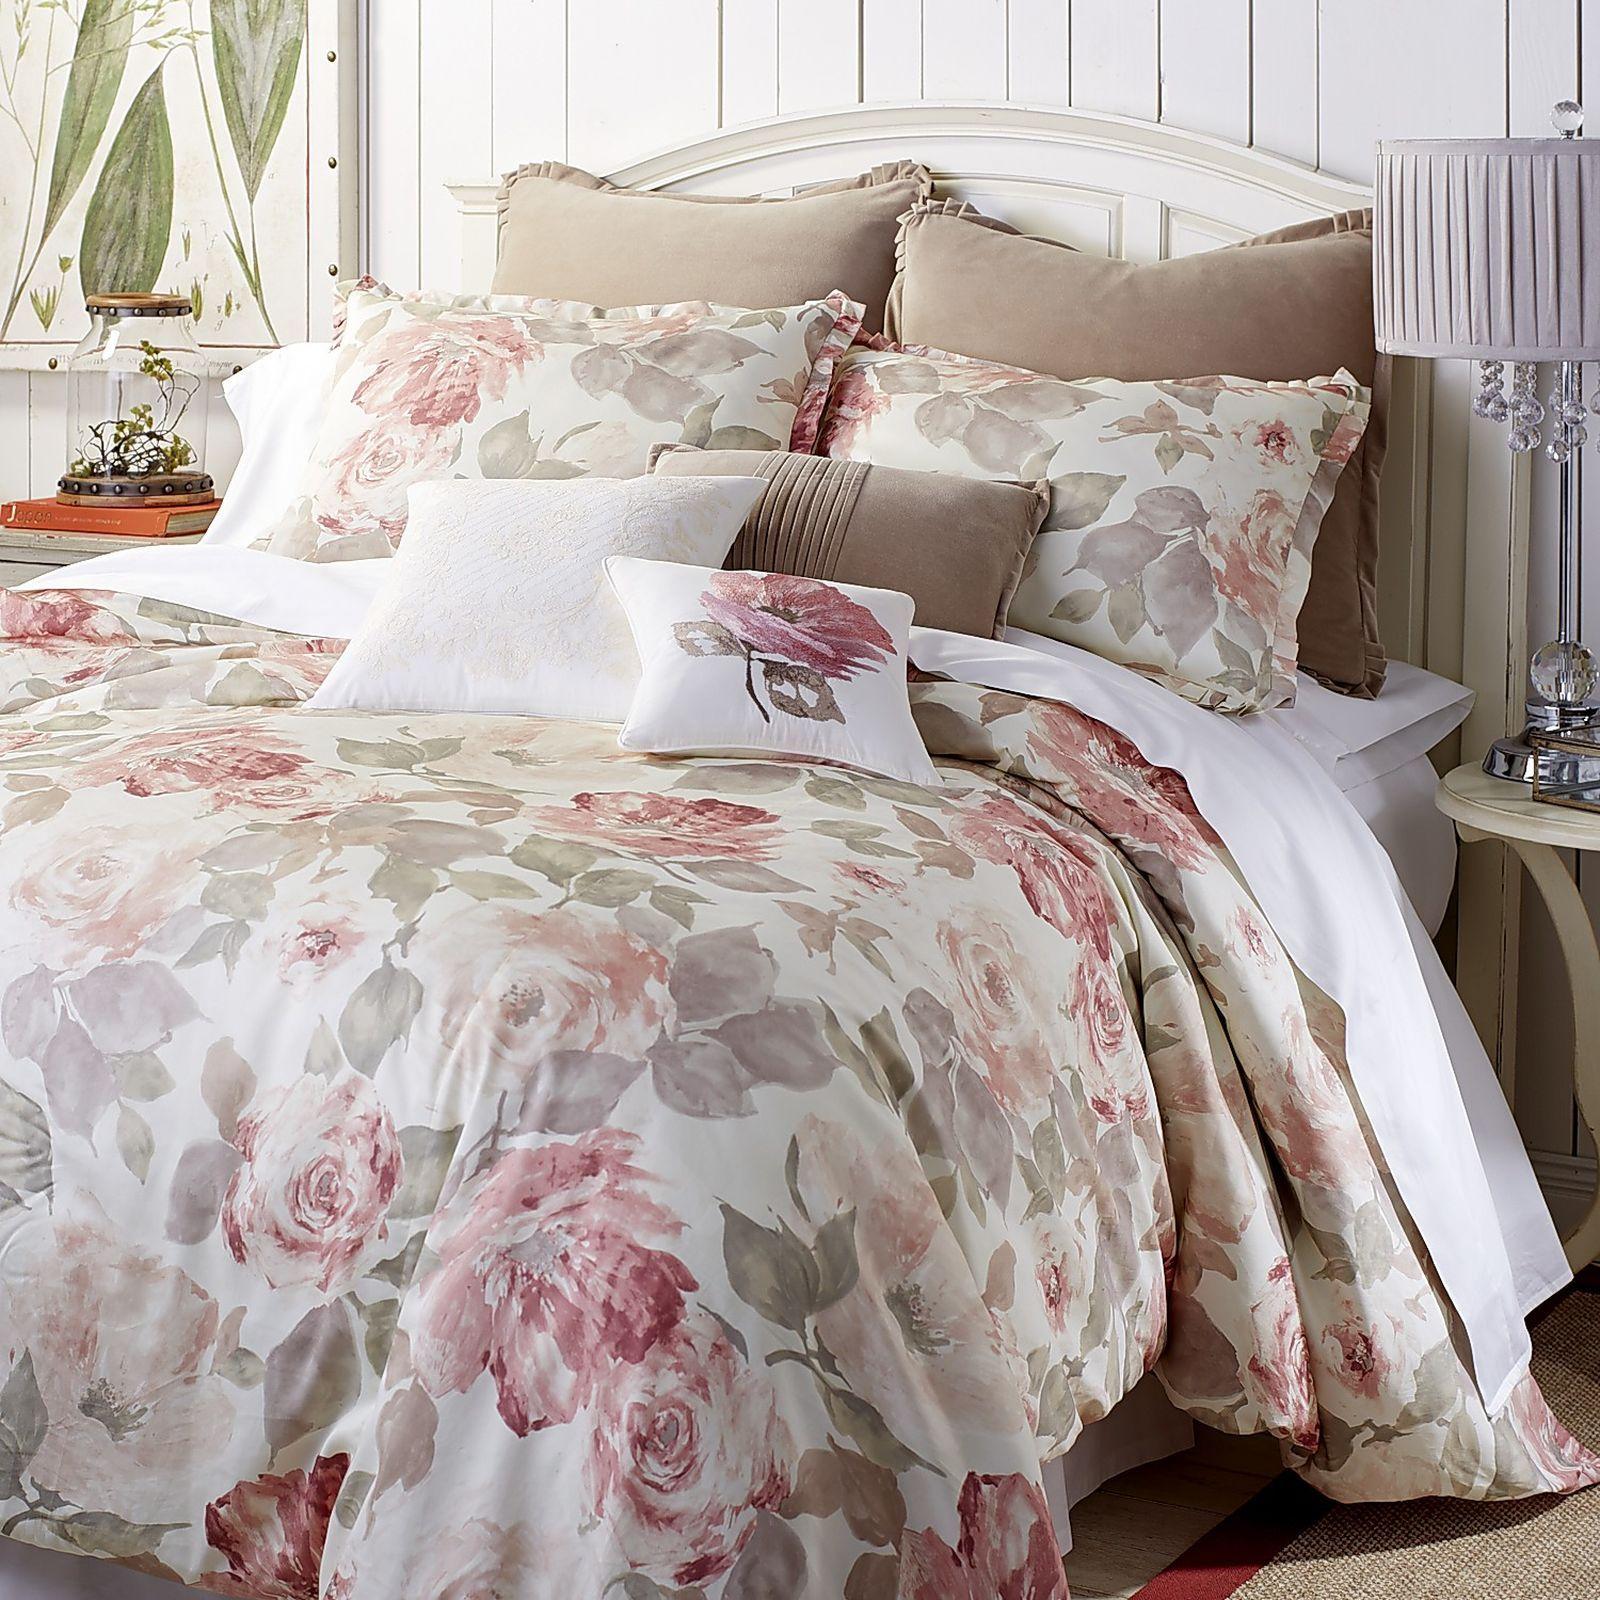 Photo of Vintage Rose Pink Comforter & Sham